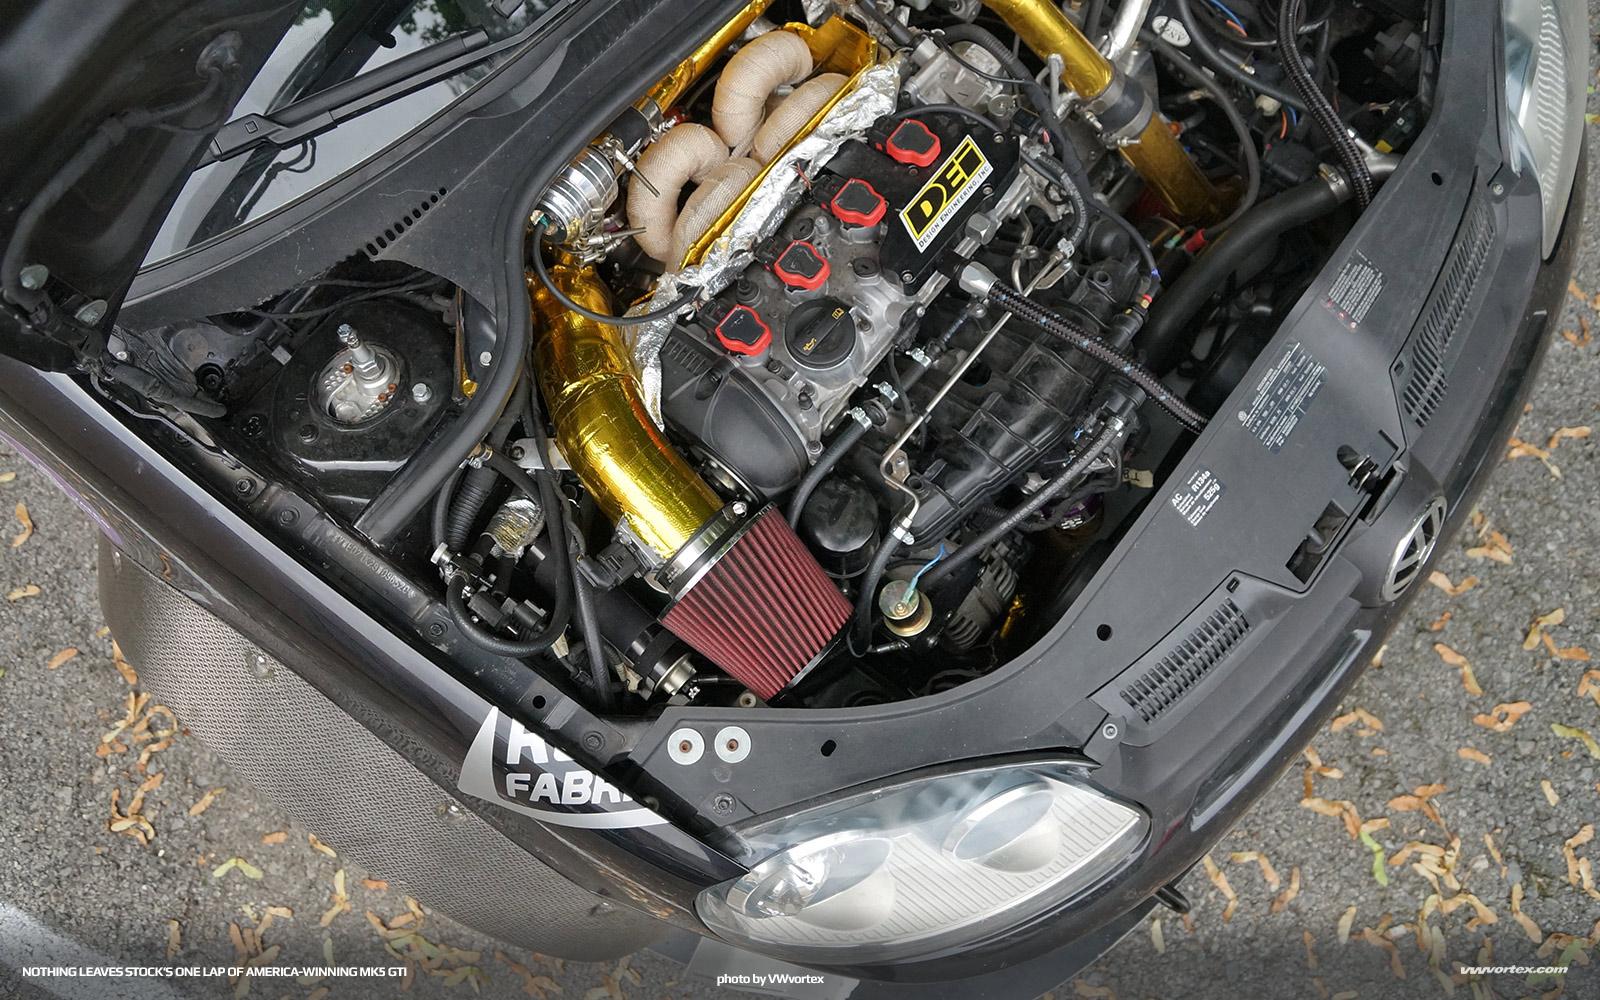 Nothing-Leaves-Stock-One-Lap-Winning-Volkswagen-GTI-376